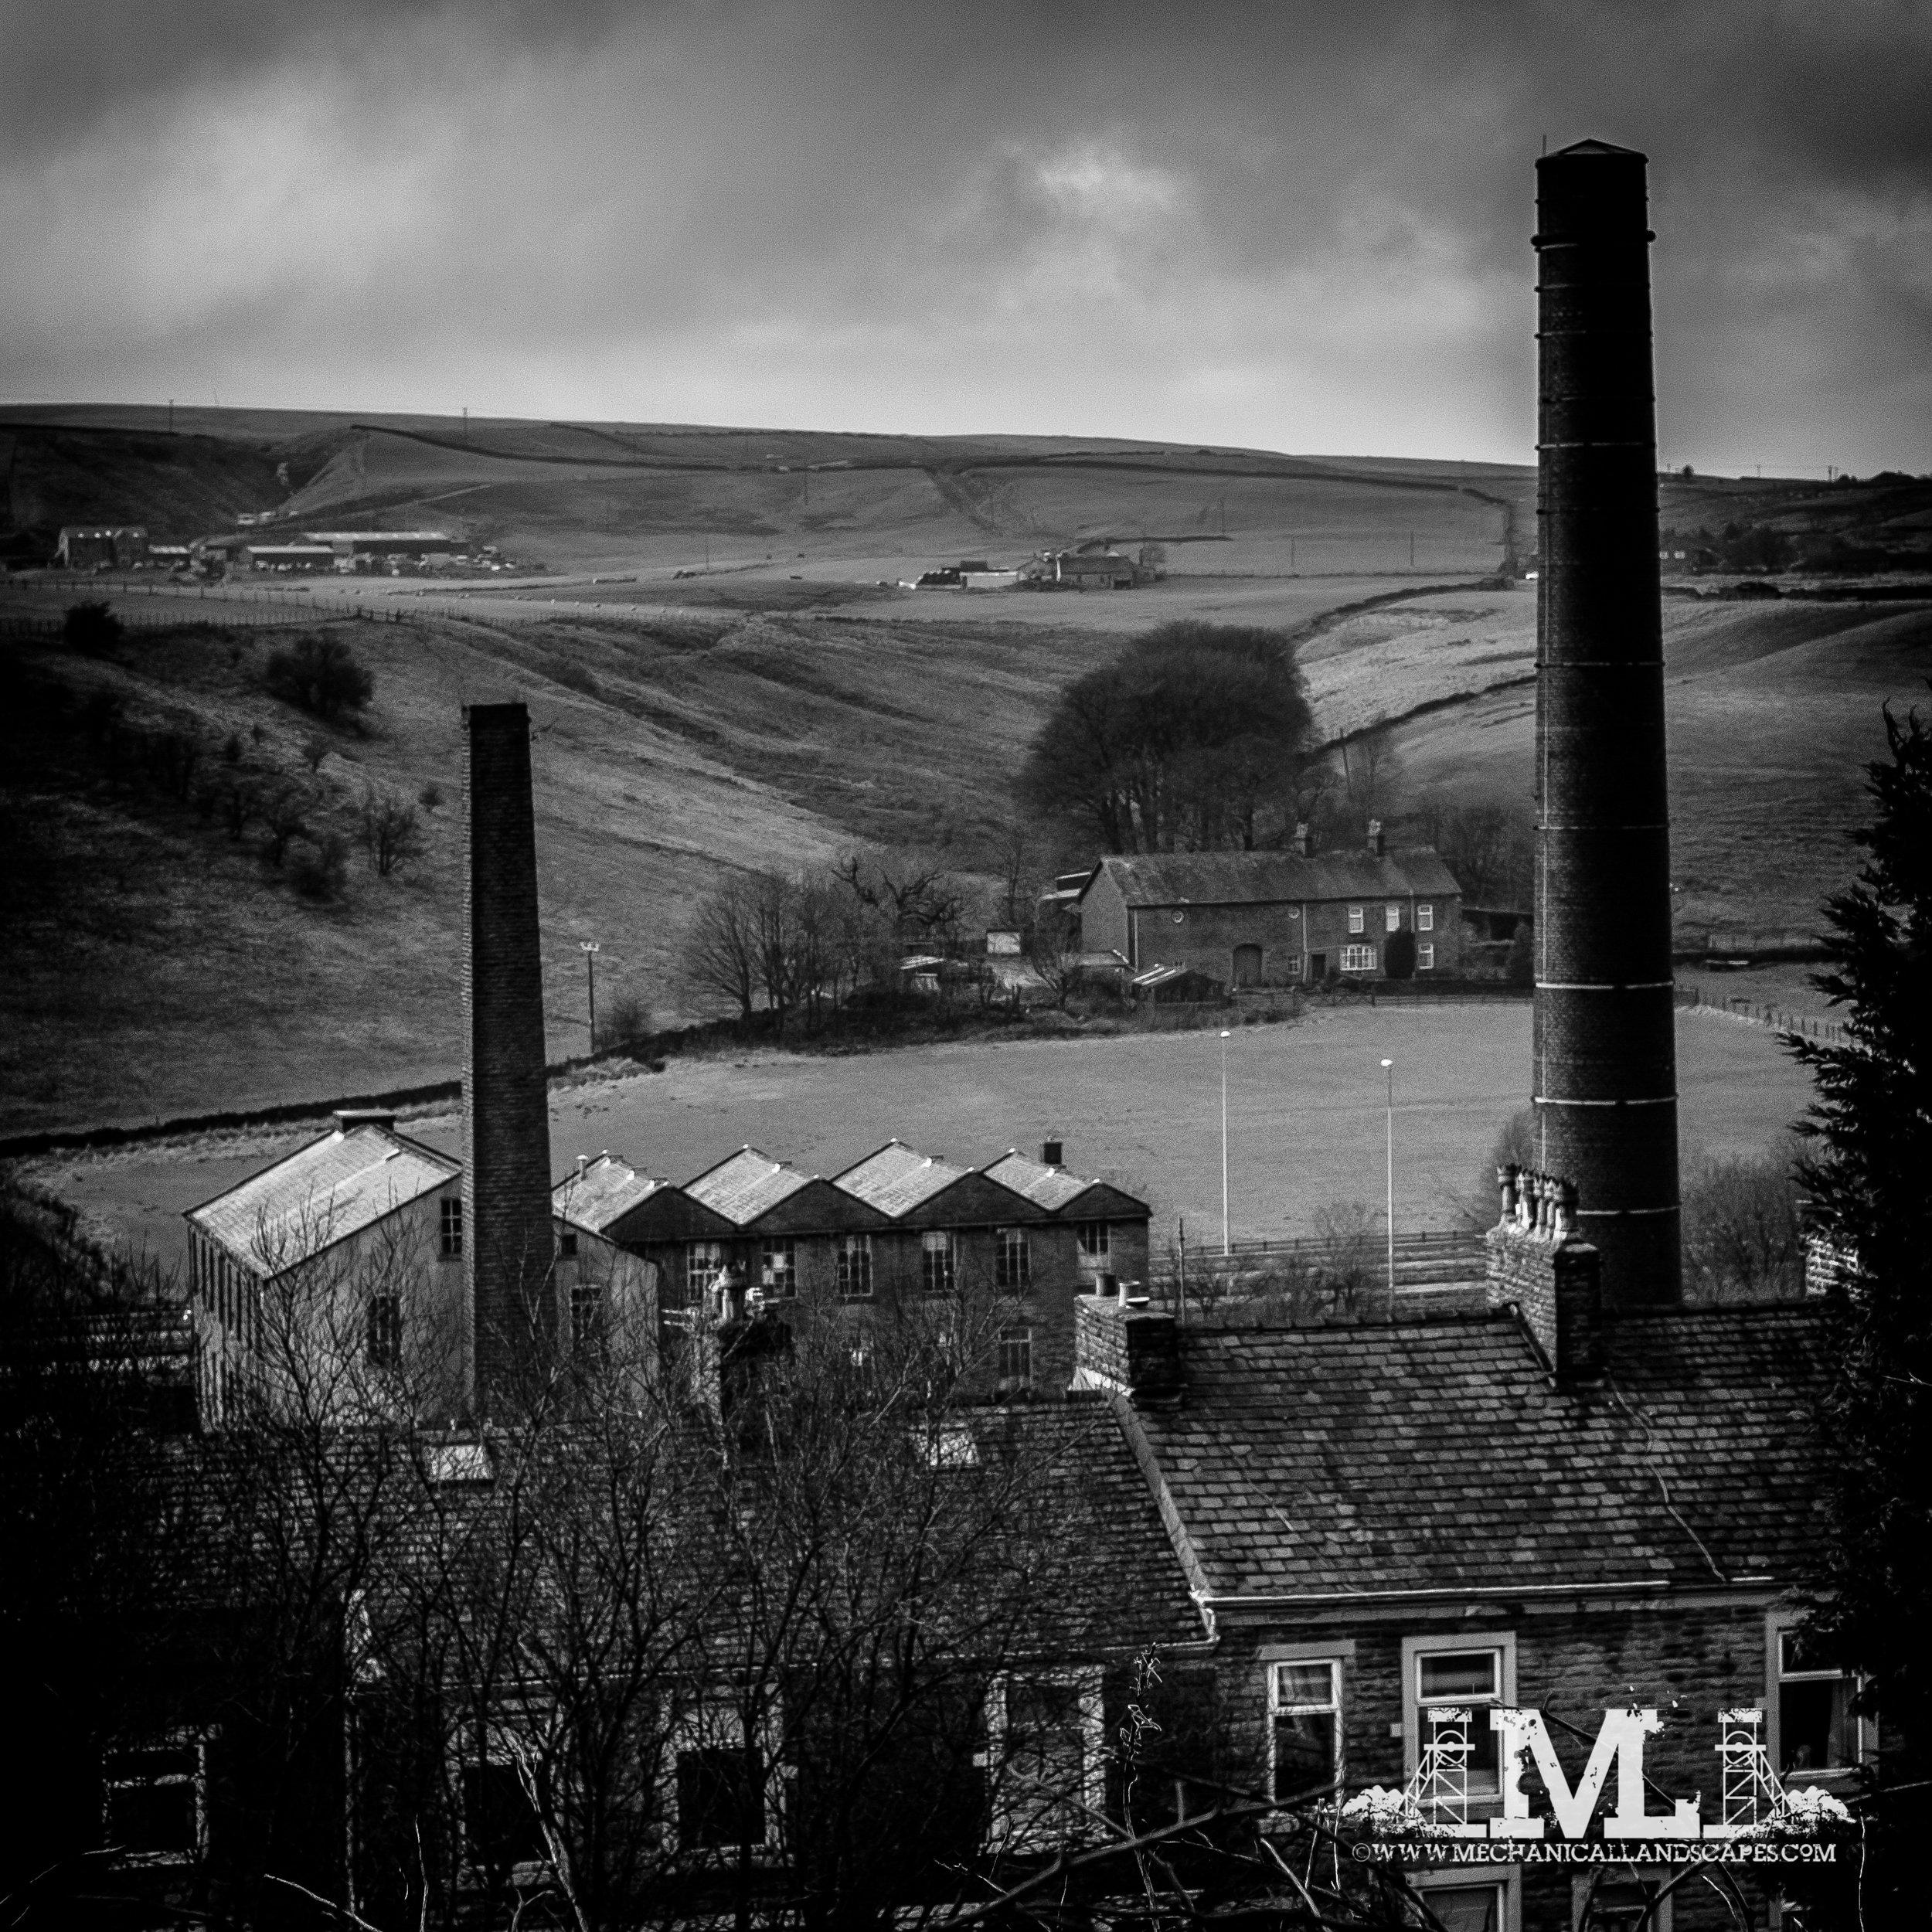 Albert Mill, Haslingden